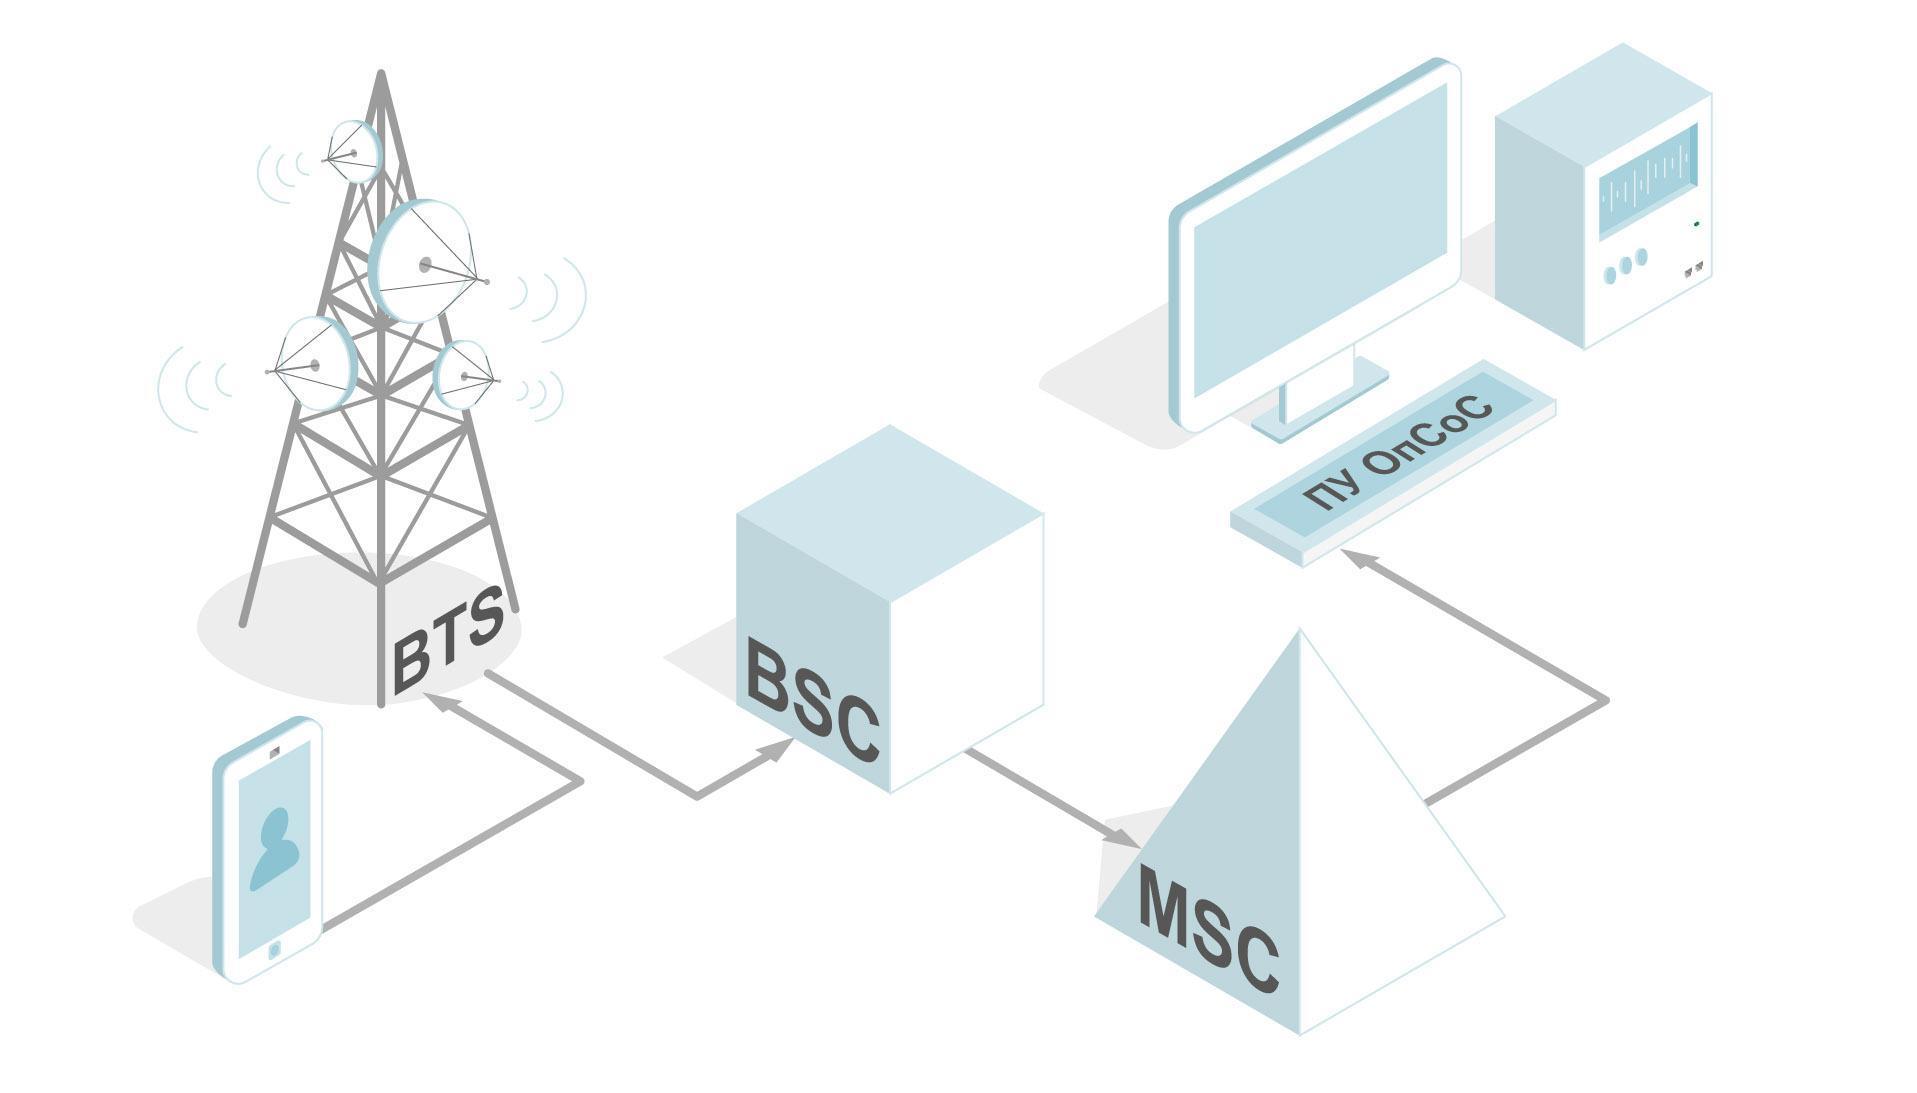 Это не паранойя: источники угроз в системе GSM и защита от них